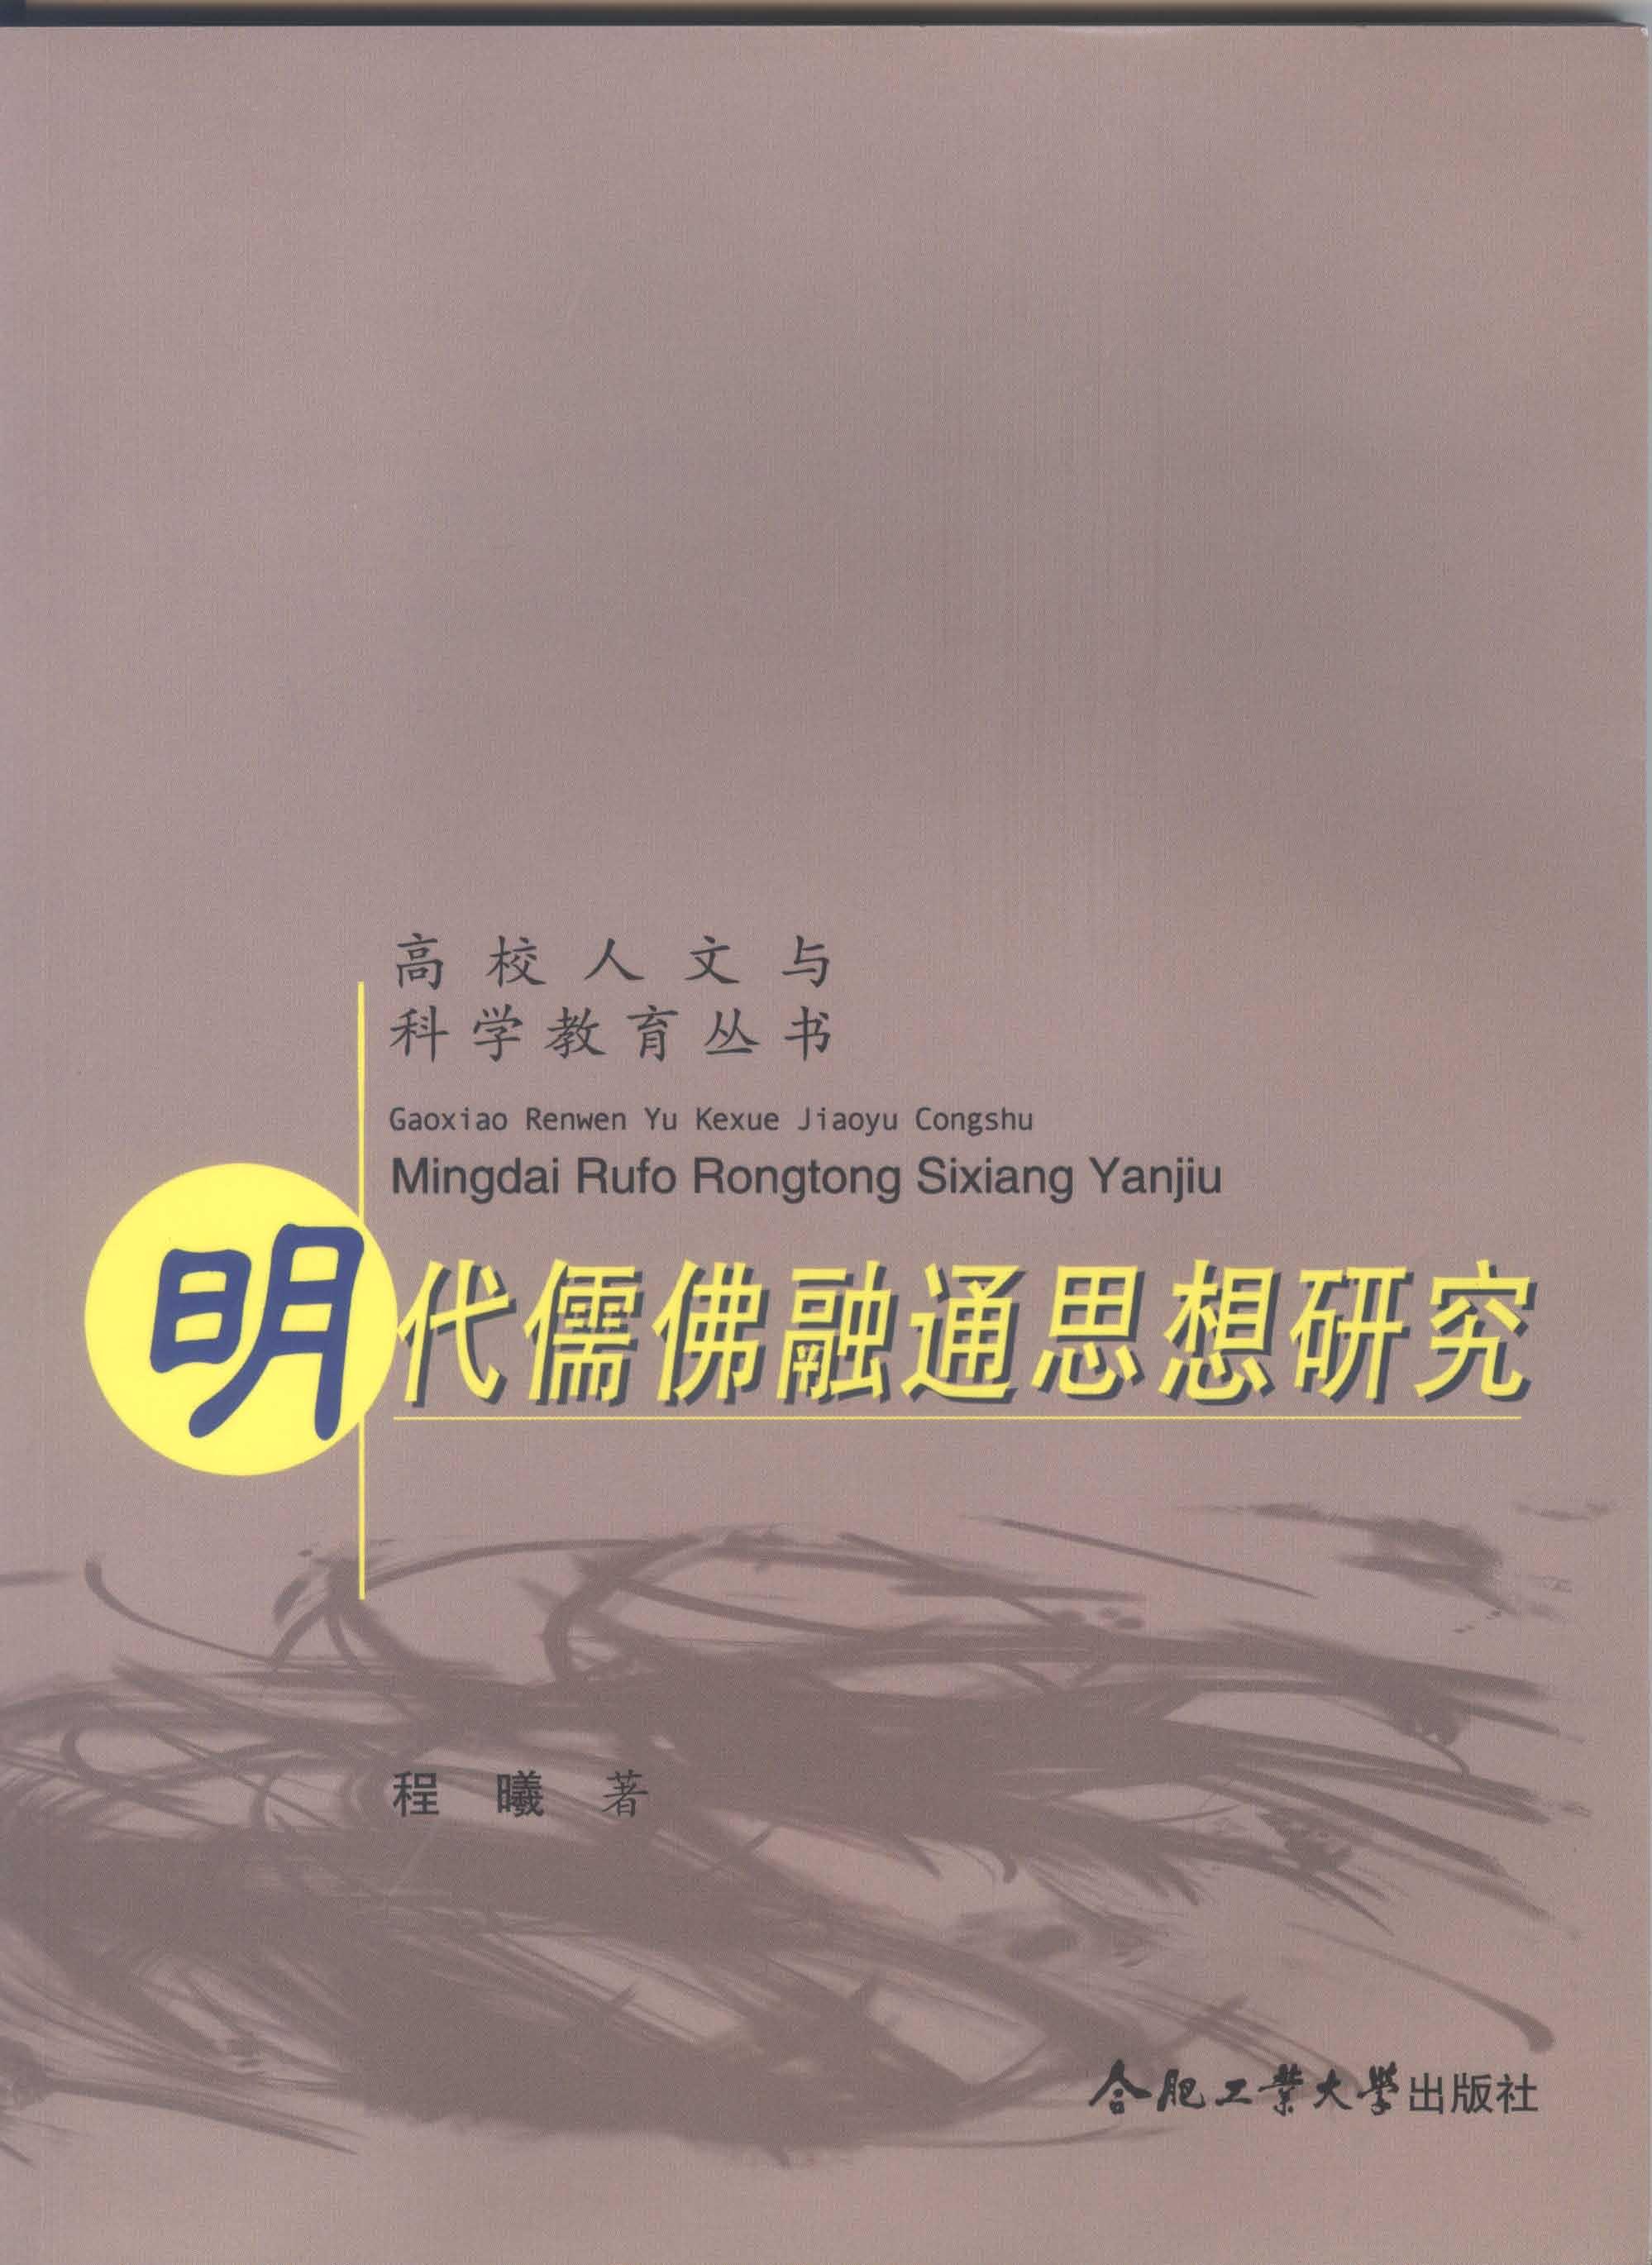 明代儒佛融通思想研究/高校人文与科学教育丛书